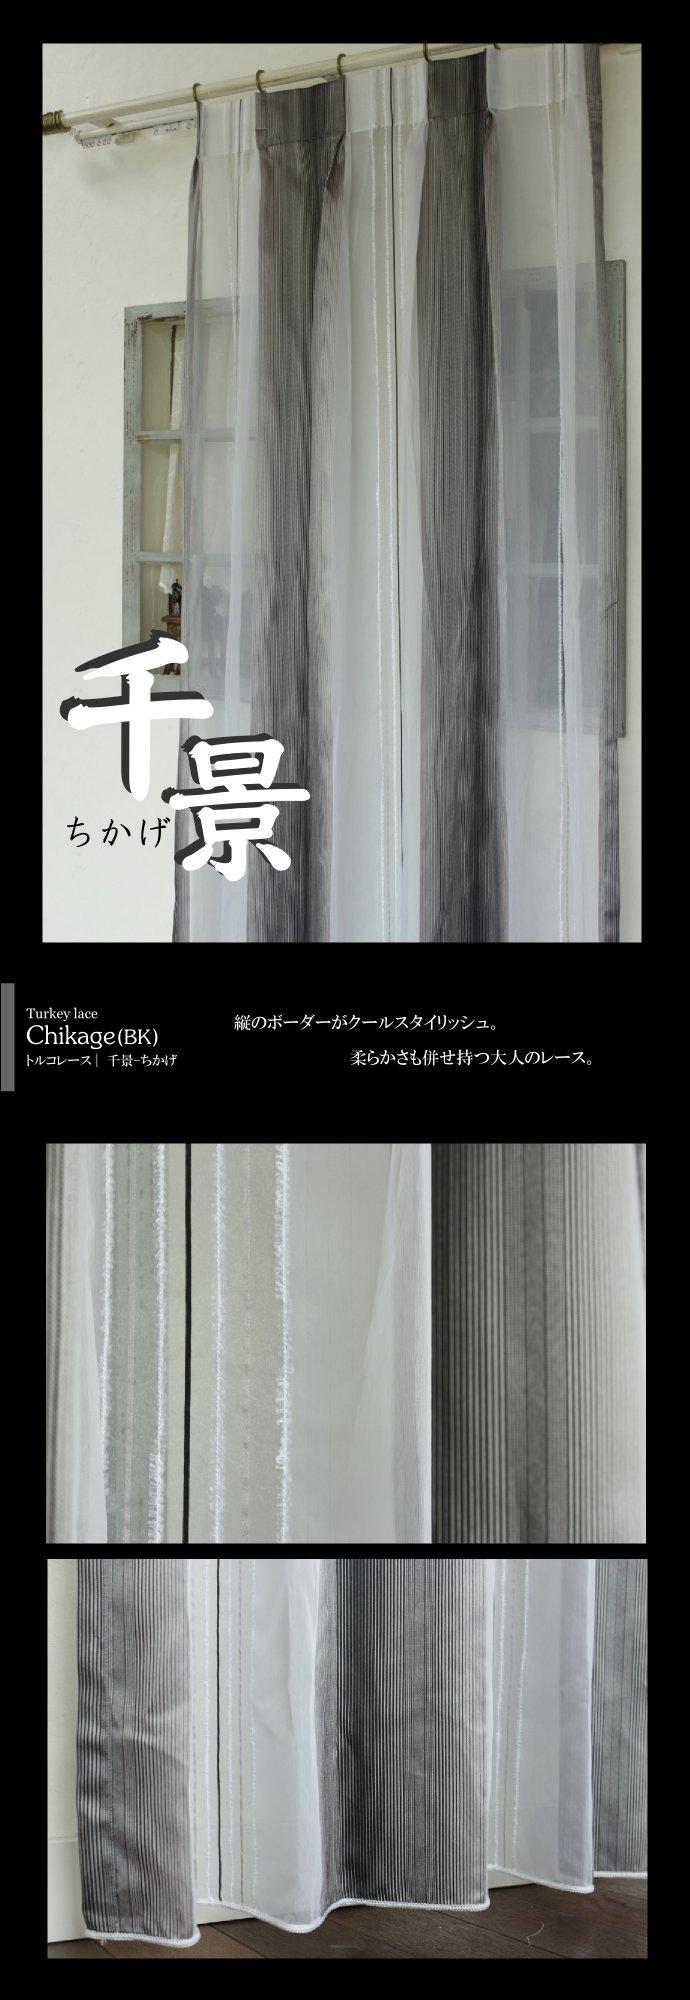 千景-ちかげ(BK)